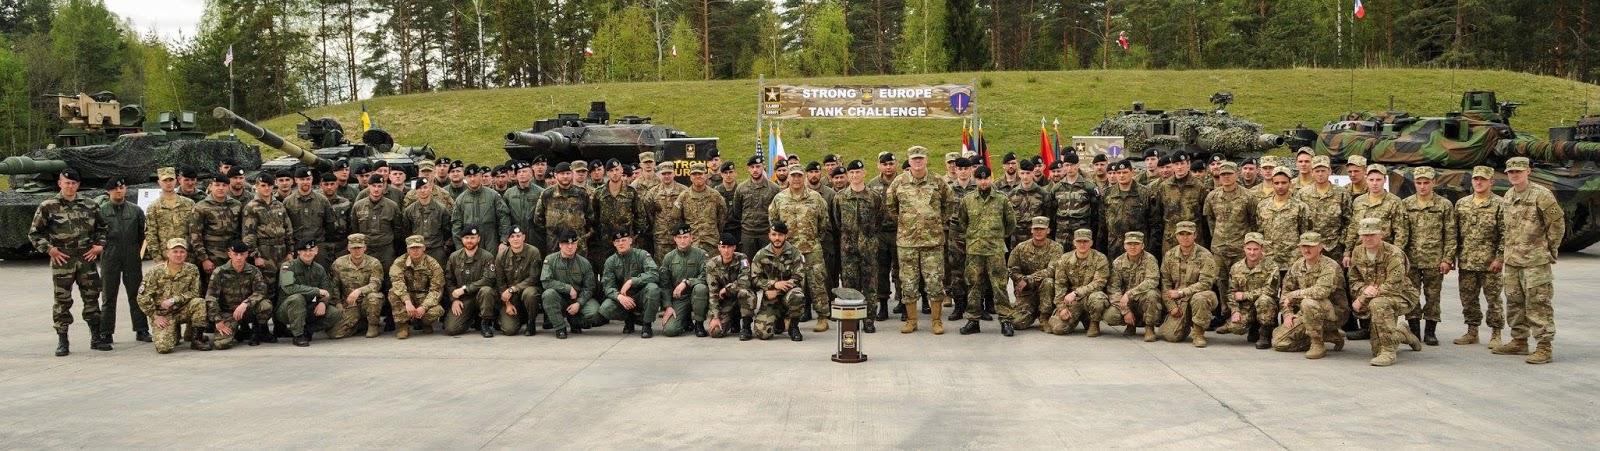 Ukrainian Military Pages - У Німеччині офіційно відкрили танкові змагання Strong Europe Tank Challenge 2017